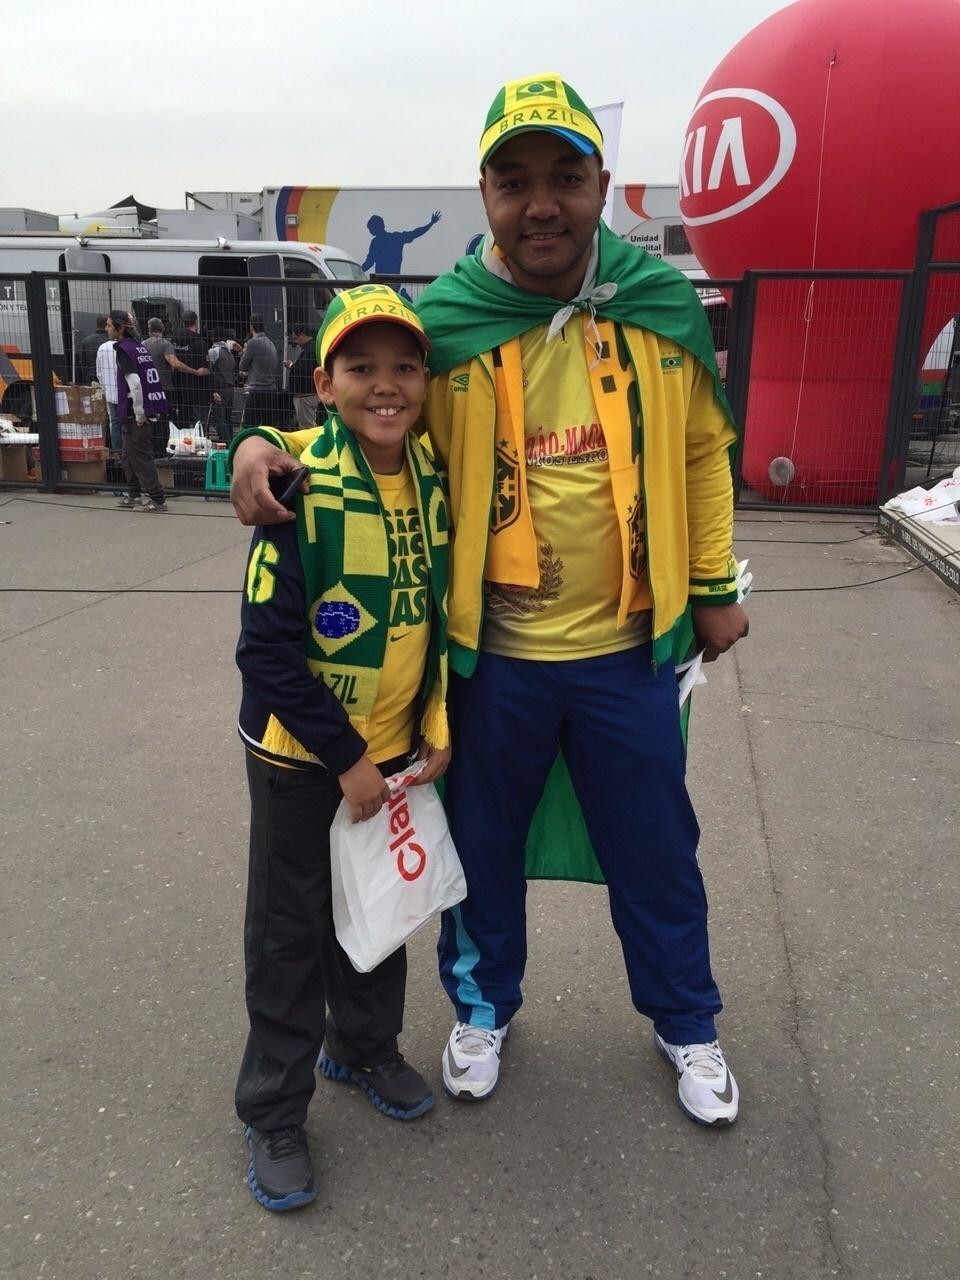 Valmir Pereira, metalúrgico de 39 anos, ganhou dois ingressos da CBF para a partida entre Brasil x Venezuela